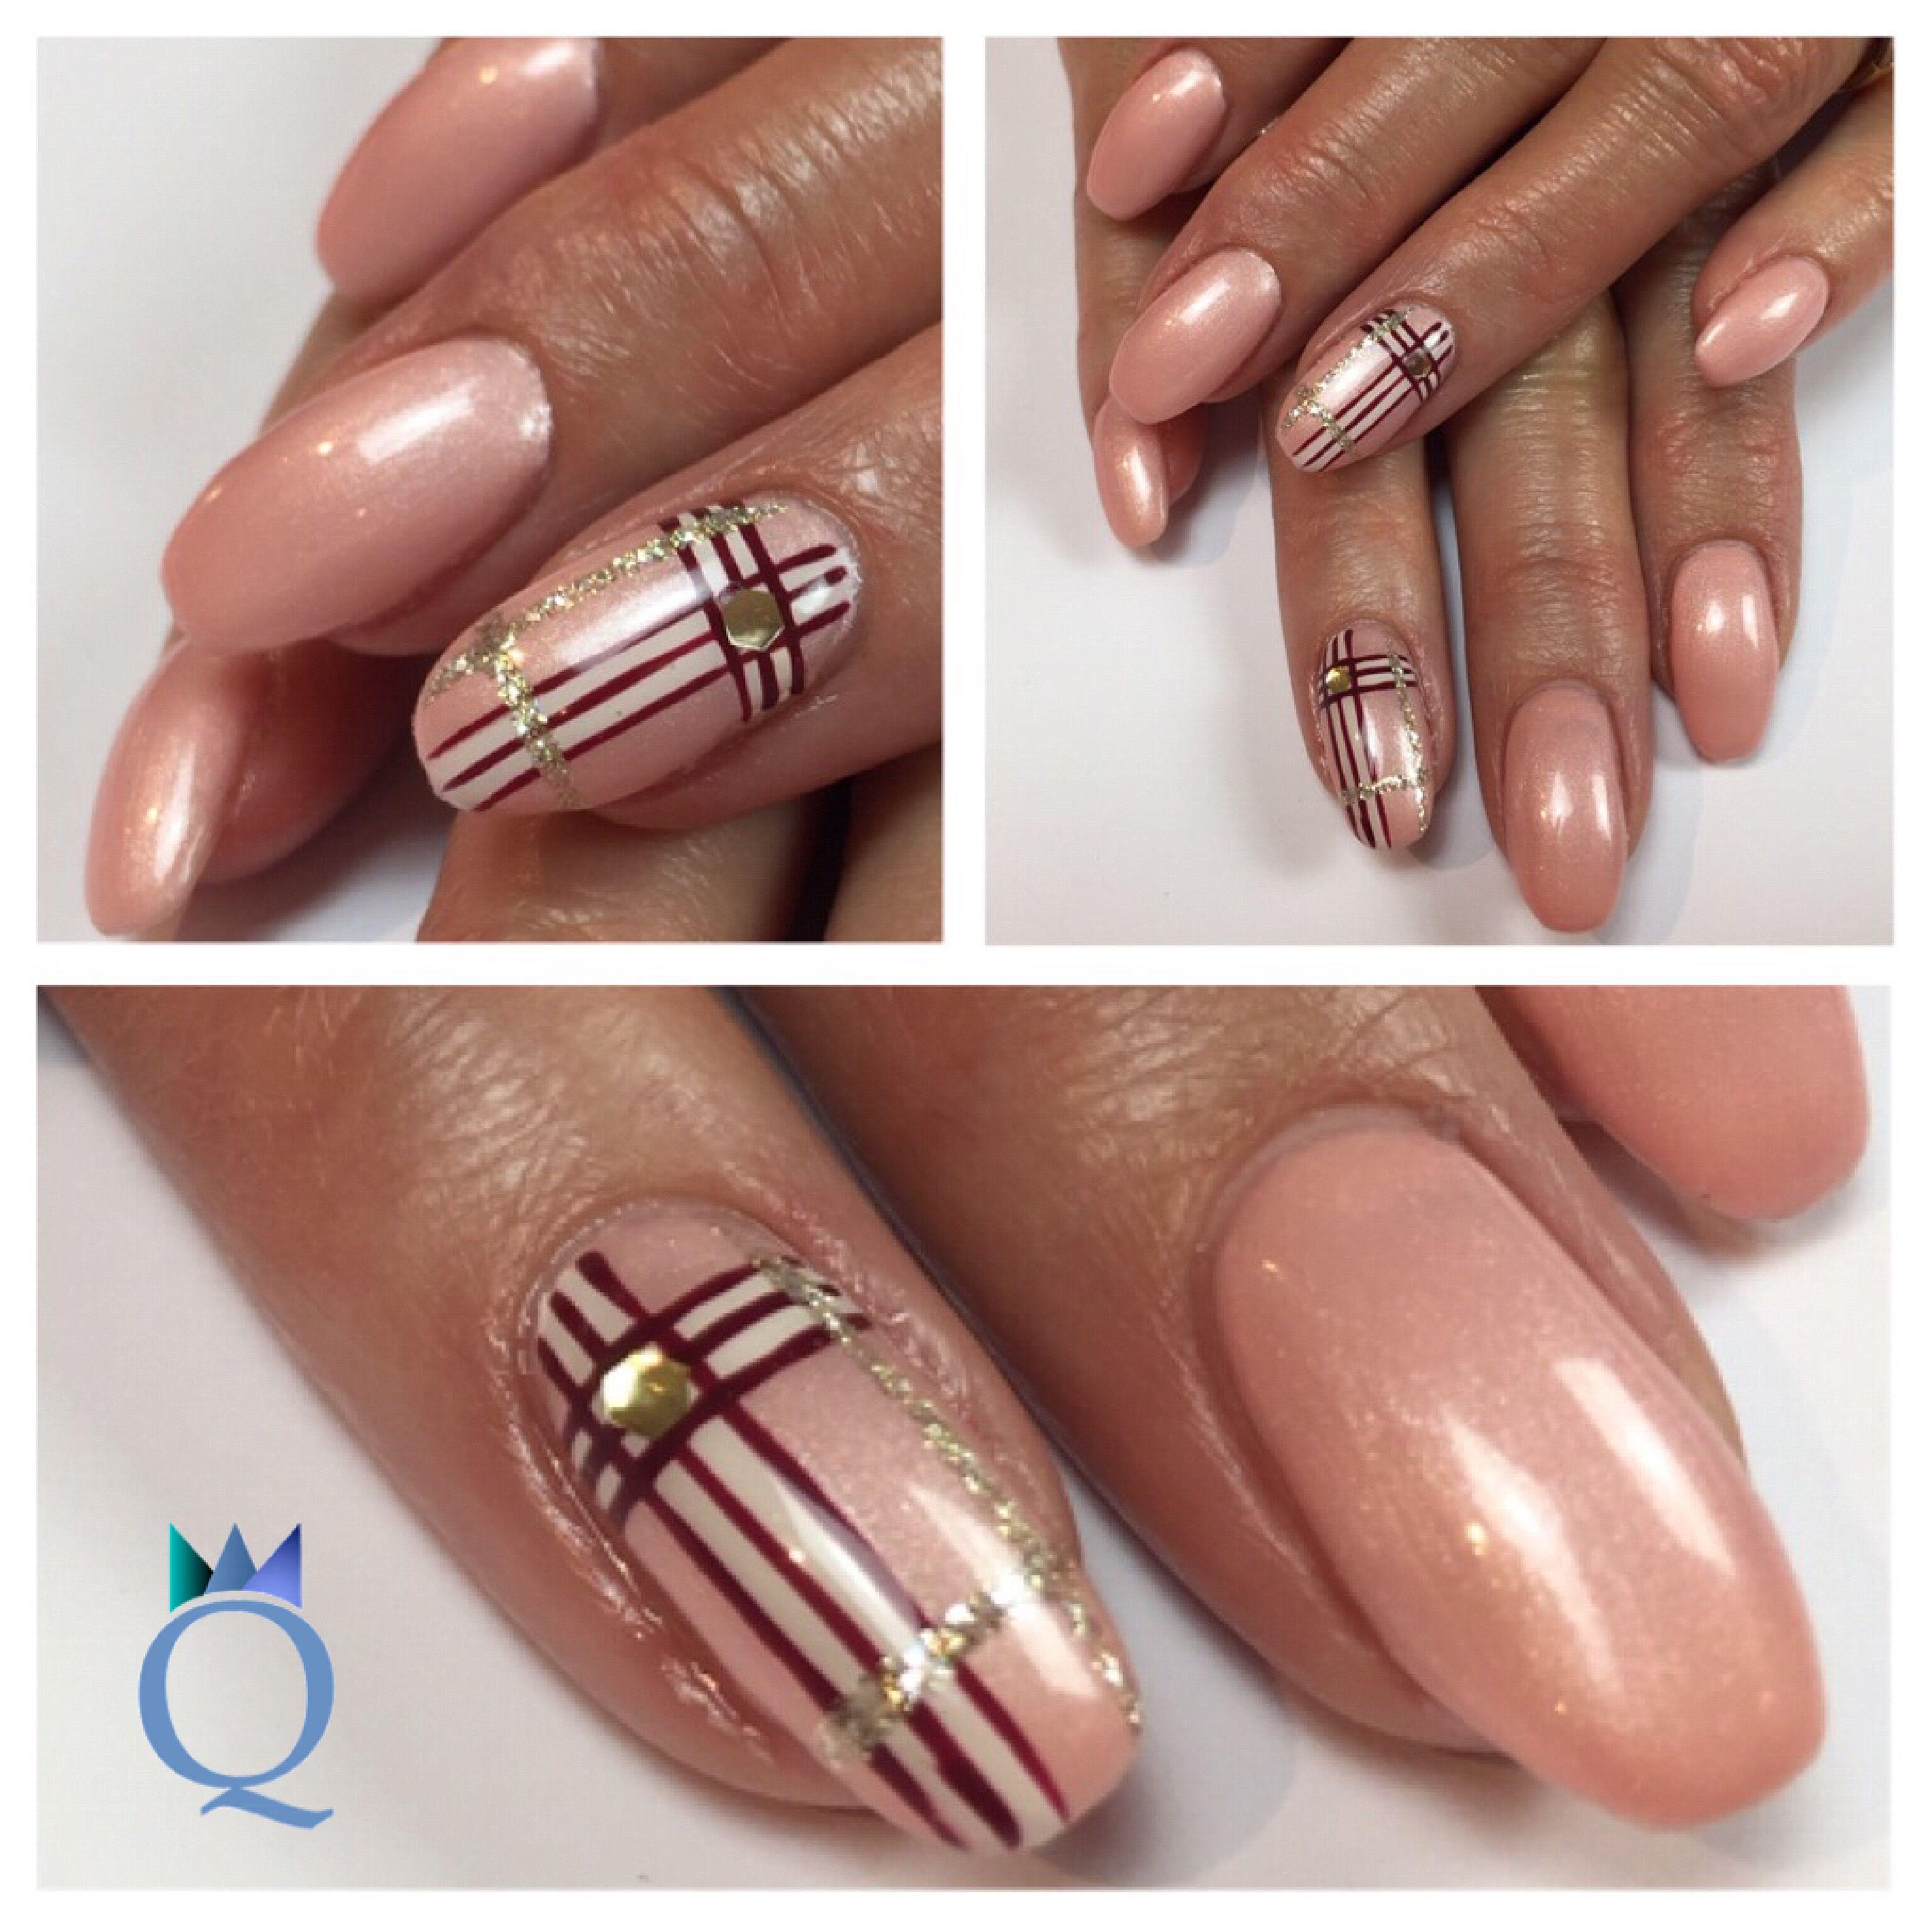 shortnails #gelnails #nails #rose #handpainted #nailart #checkered ...